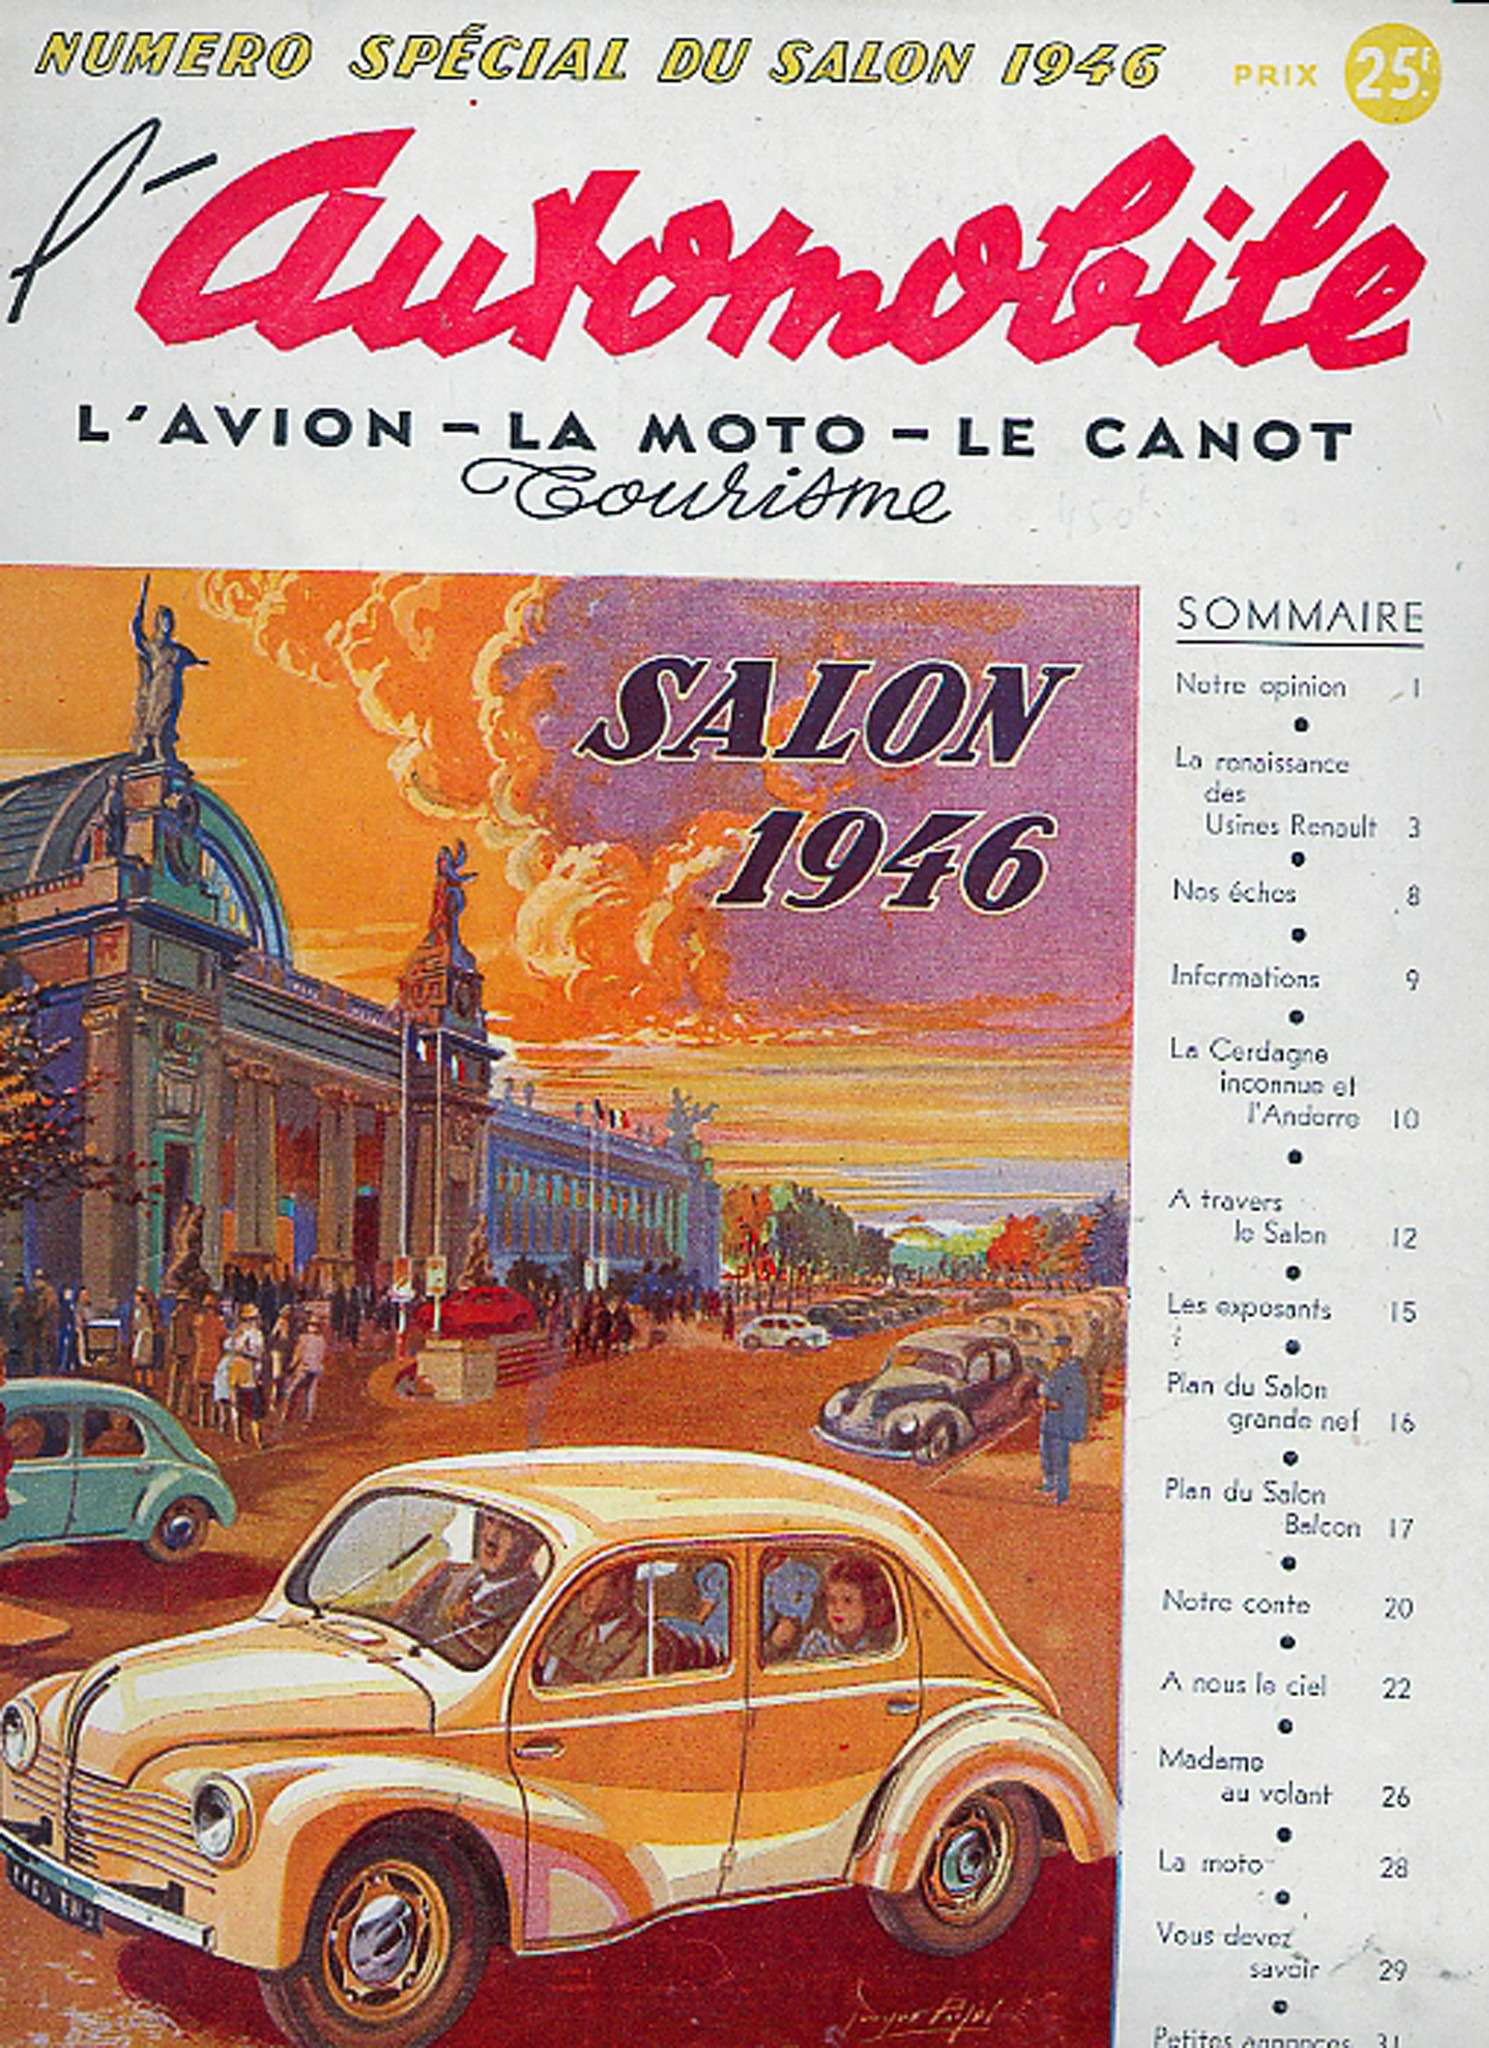 74-Renault-old_zr-01_16